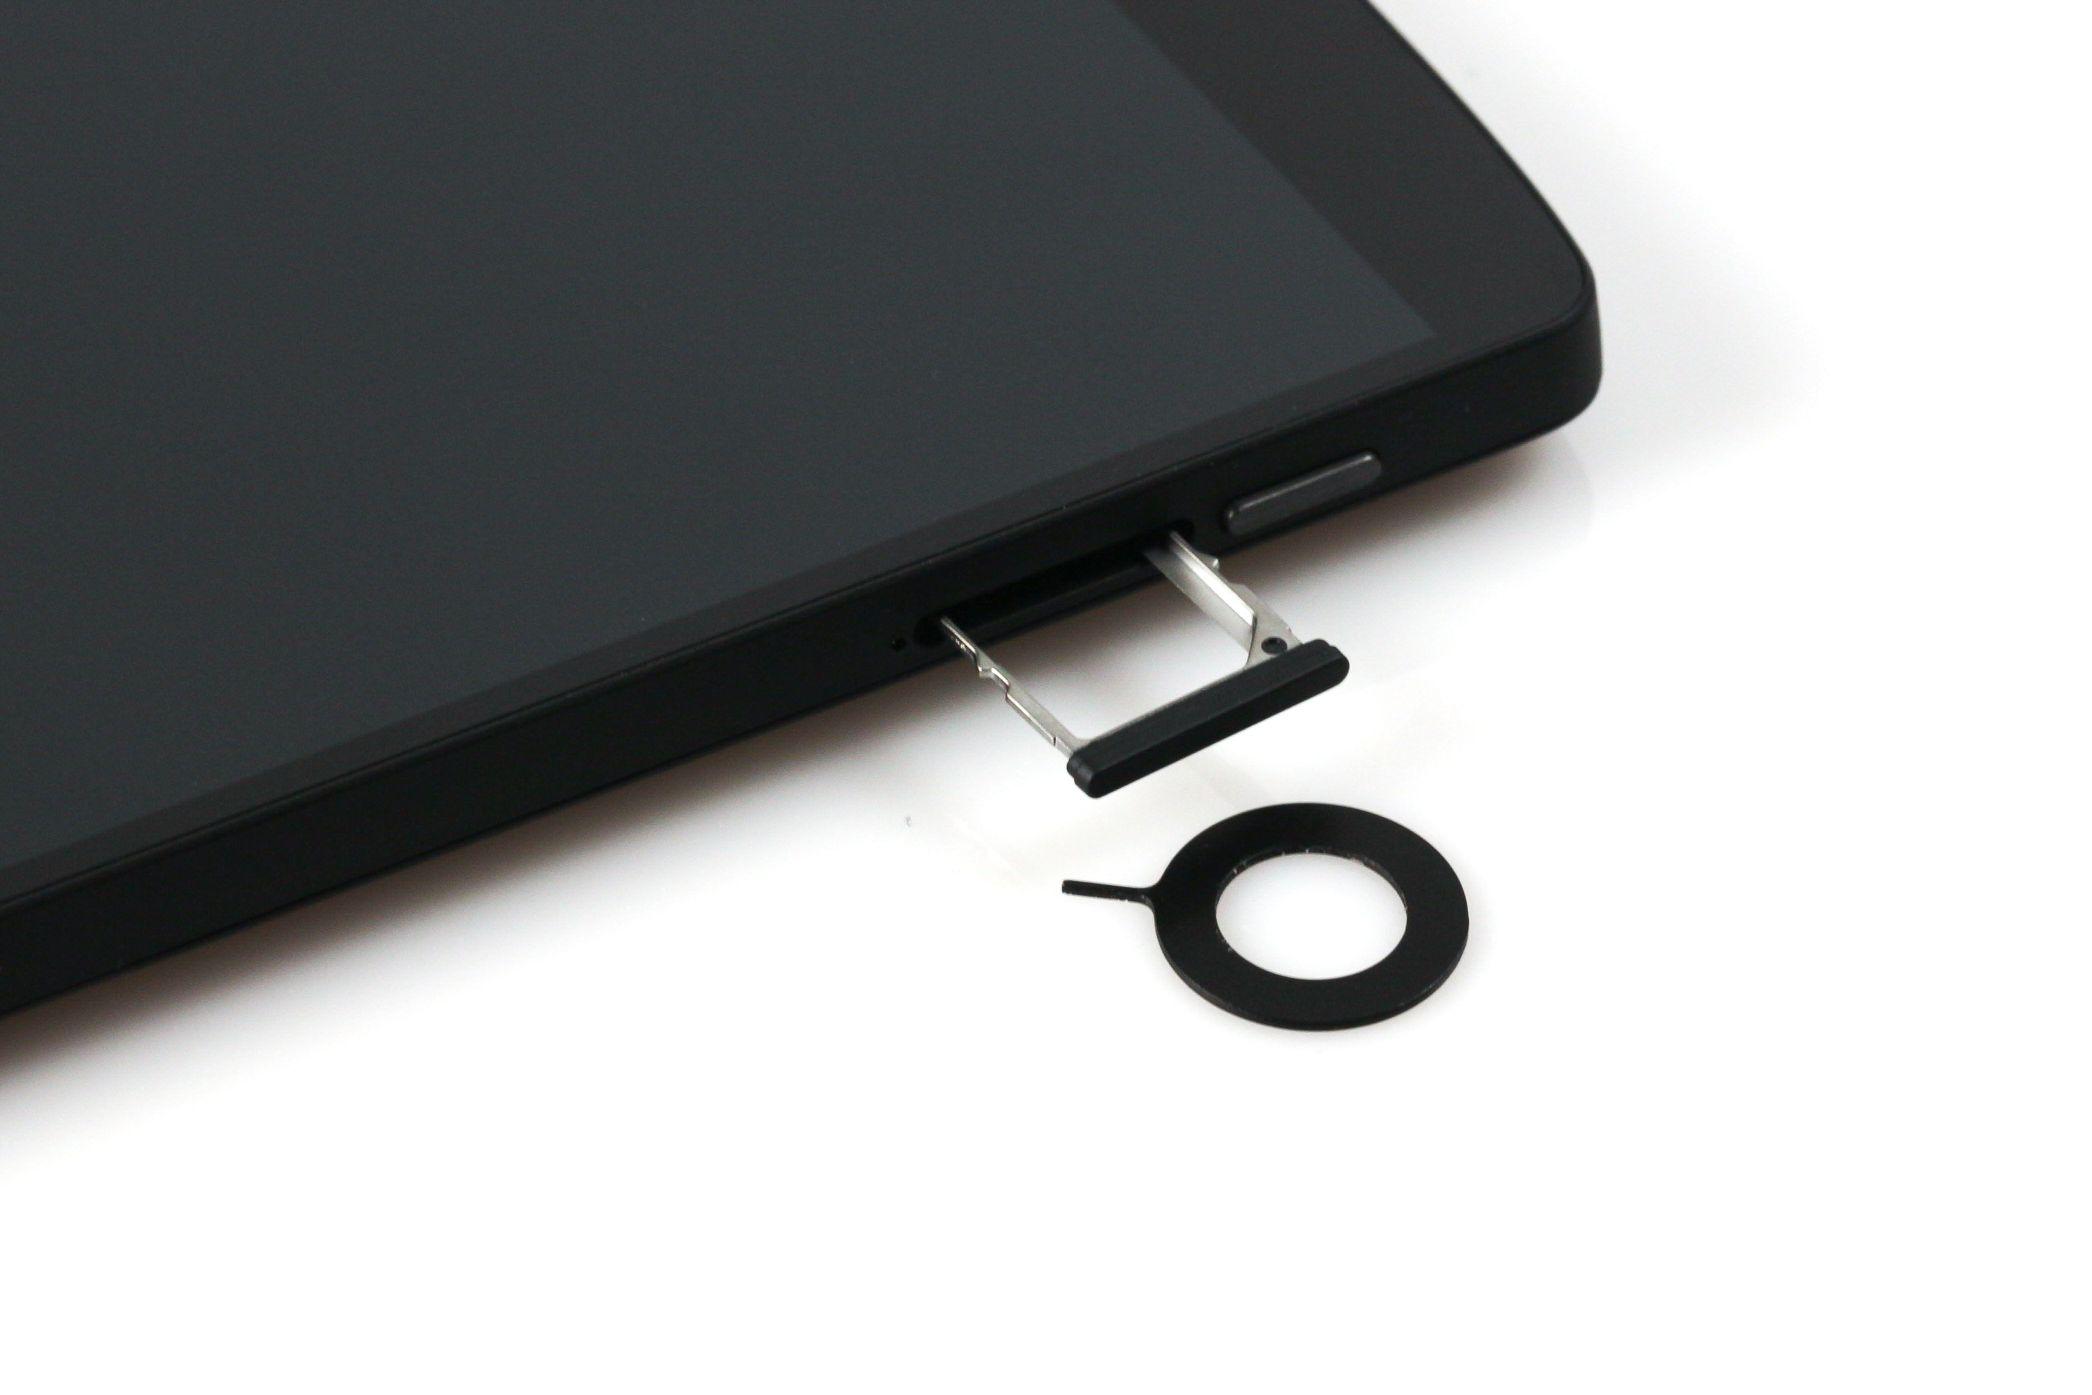 Nexus 5 im Test: Schlicht schick - Das Nexus 5 (Foto: Nina Sebayang/Golem.de)